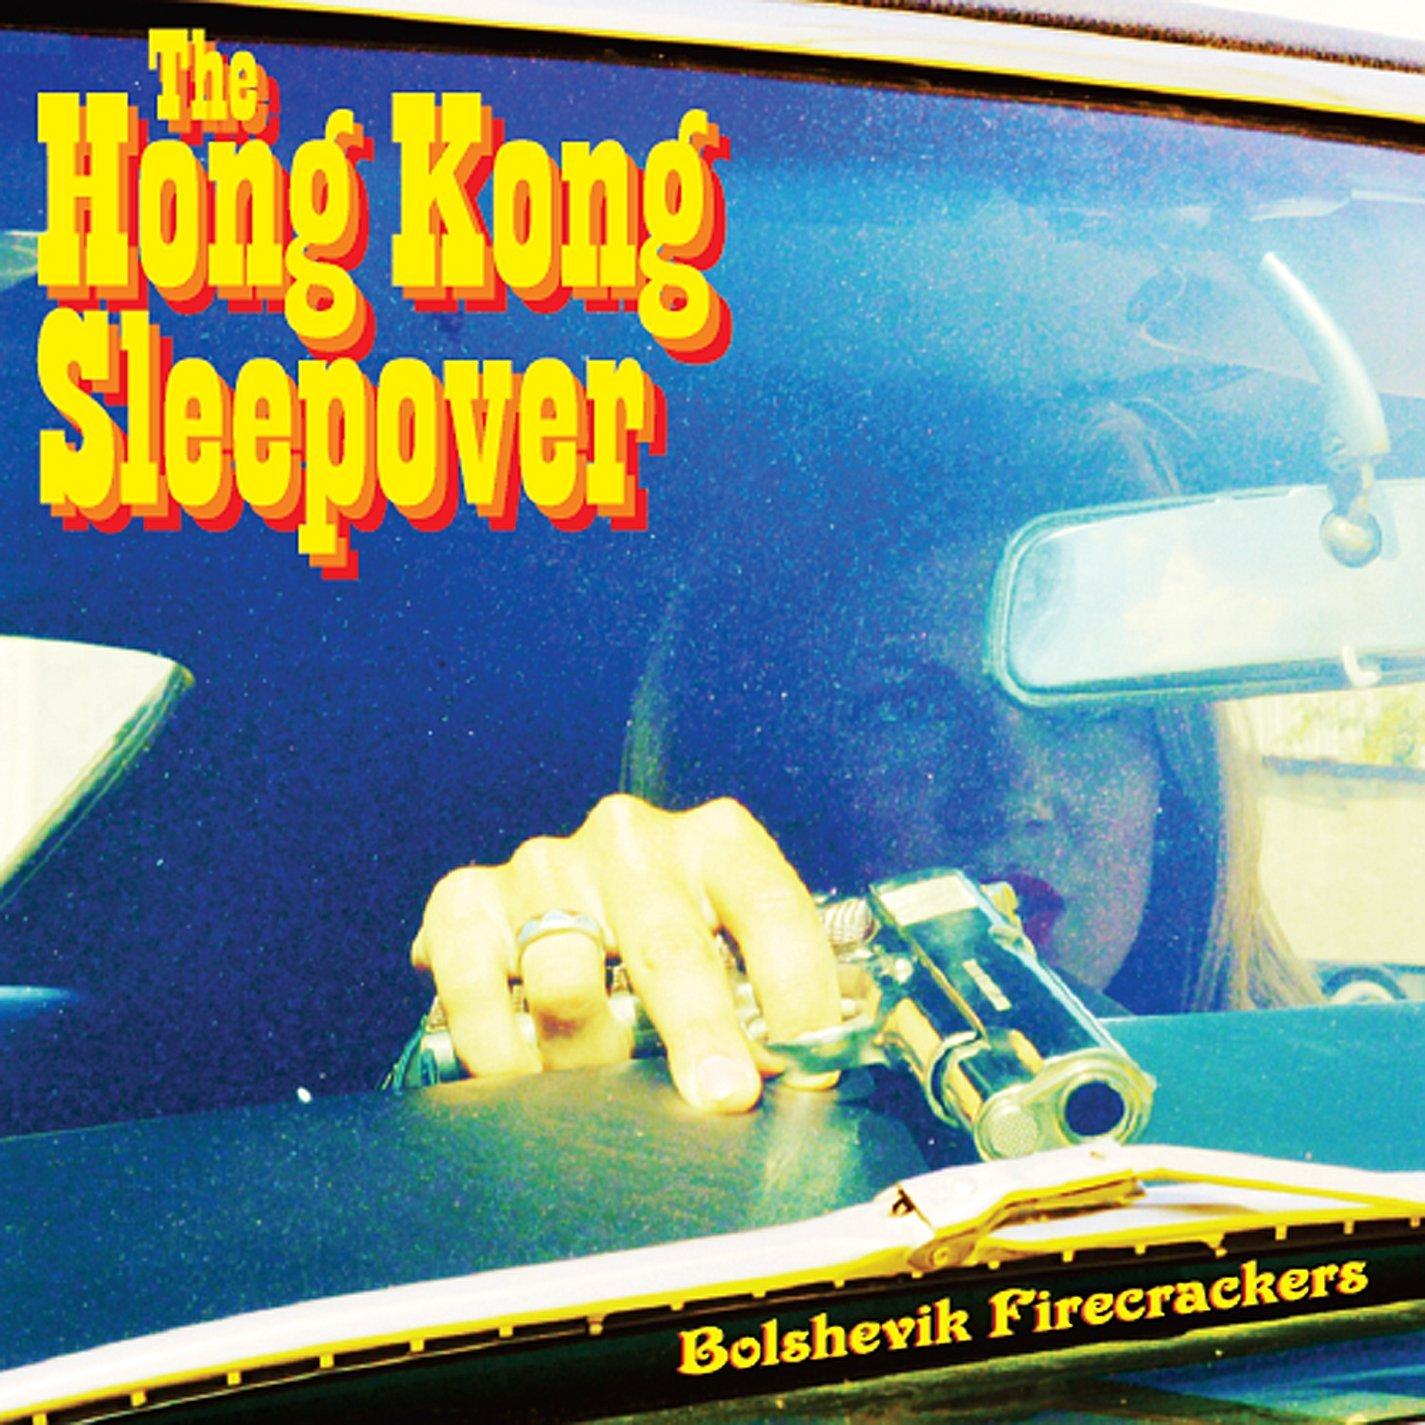 Bolshevik Firecrackers_Album Cover